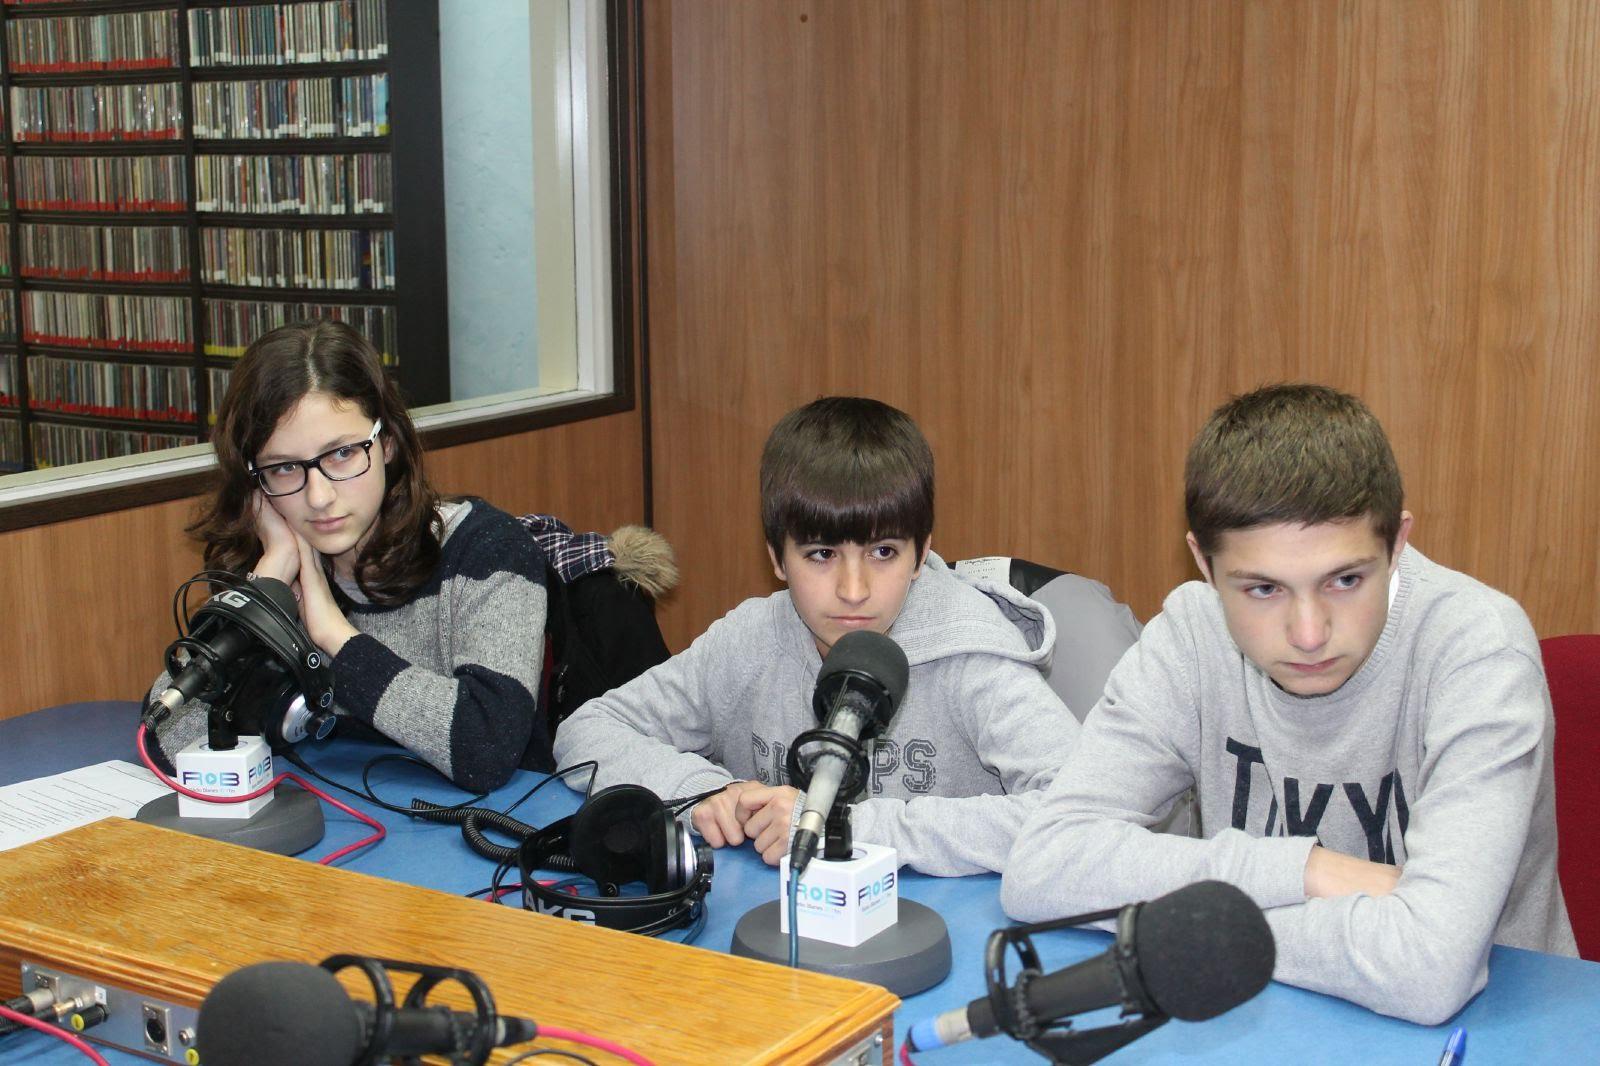 https://sites.google.com/a/xtec.cat/seselva2/dinamitzacio/parlem-educacioalaradio/parlem-d-educacio-a-la-radio-15-16/radio-15-16-col-santa-maria/IMG_4836.jpg